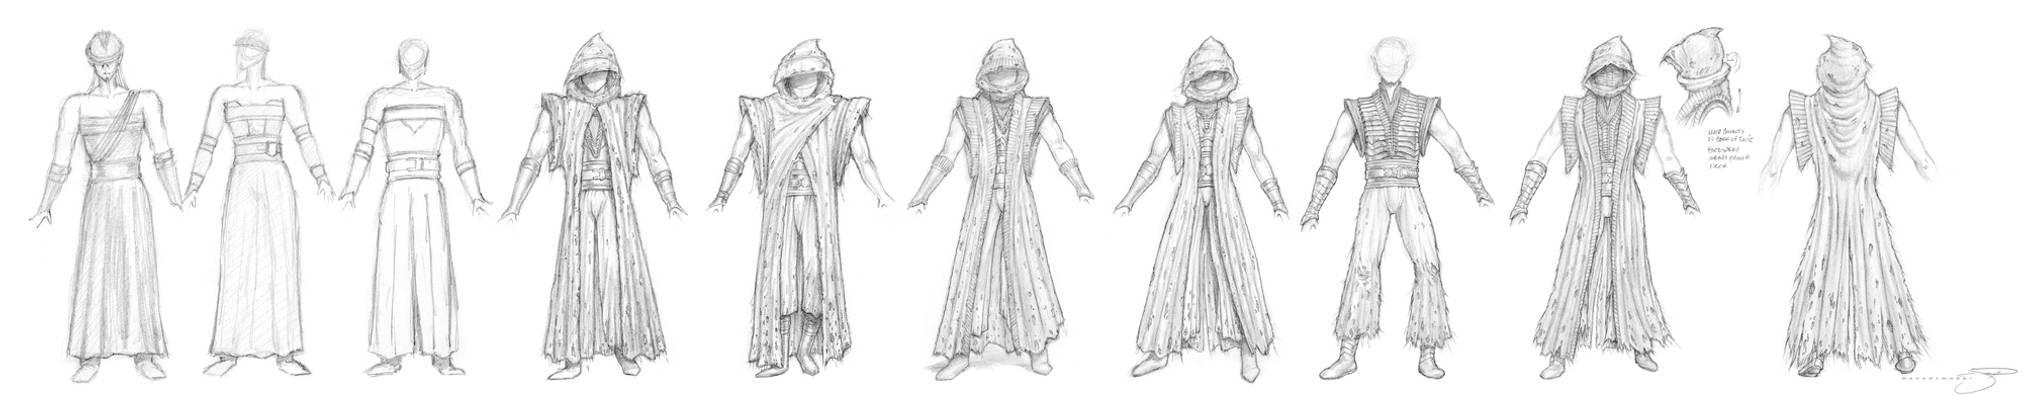 Sith Costume Phases I thru V